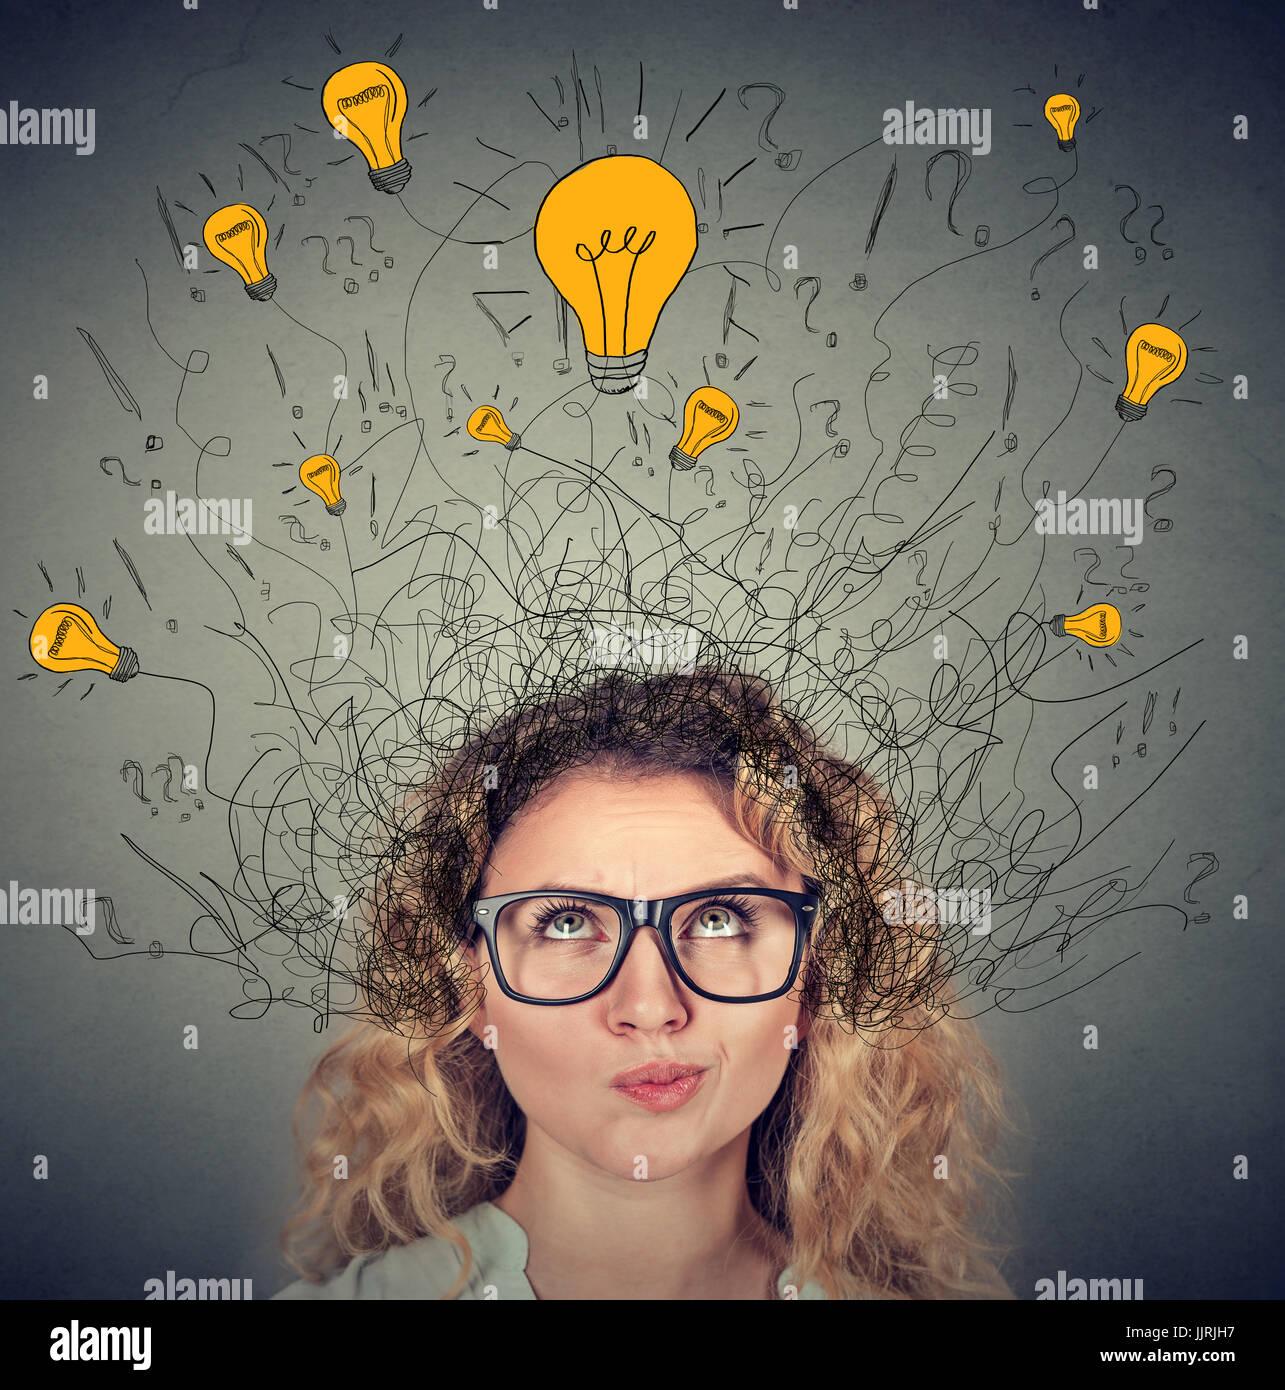 Nachdenkliche Frau in Gläsern mit vielen Ideen, die Glühbirnen über Kopf nach oben isoliert auf graue Stockbild